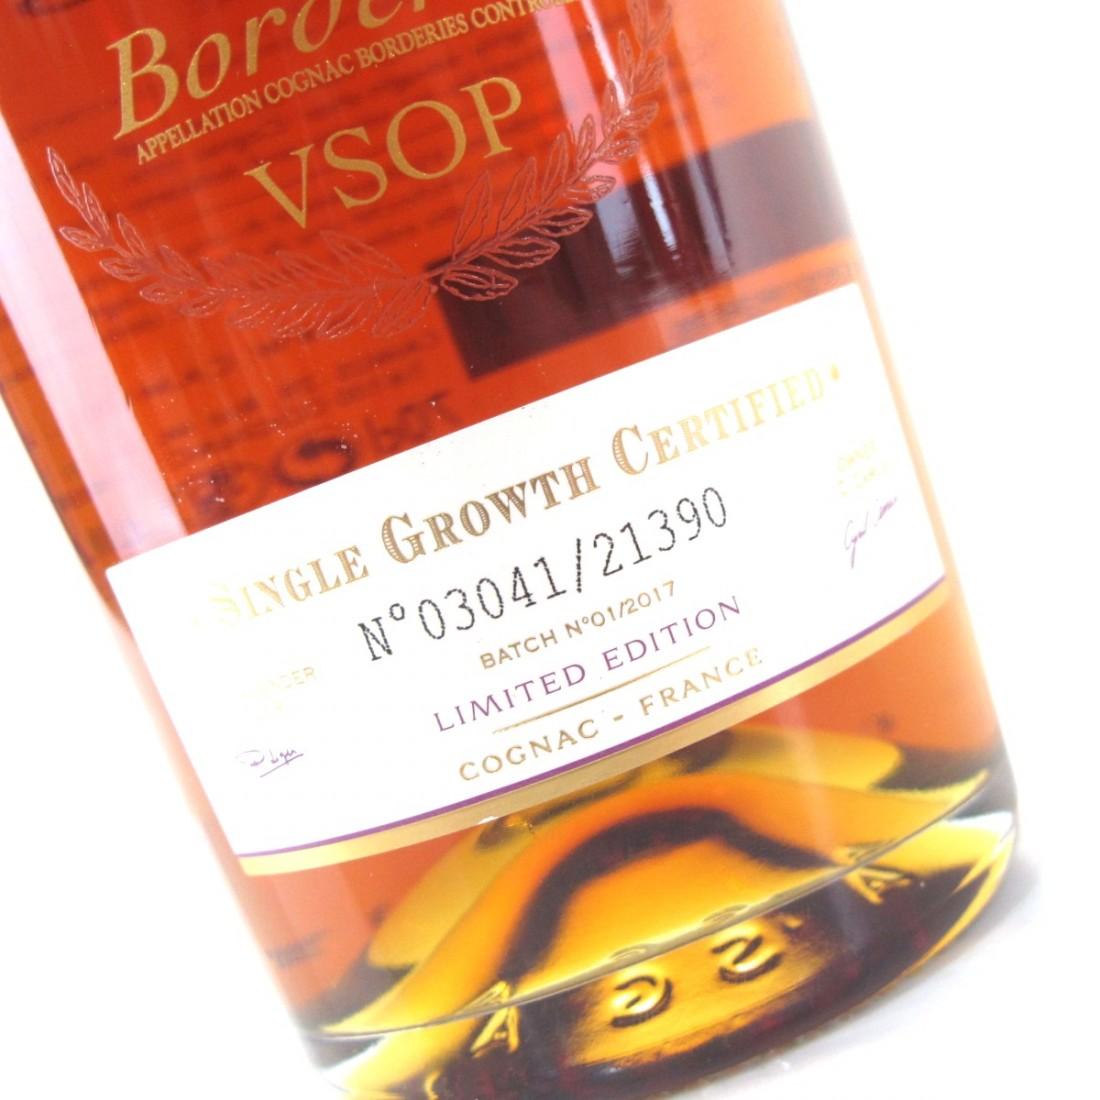 Camus VSOP Borderies Cognac